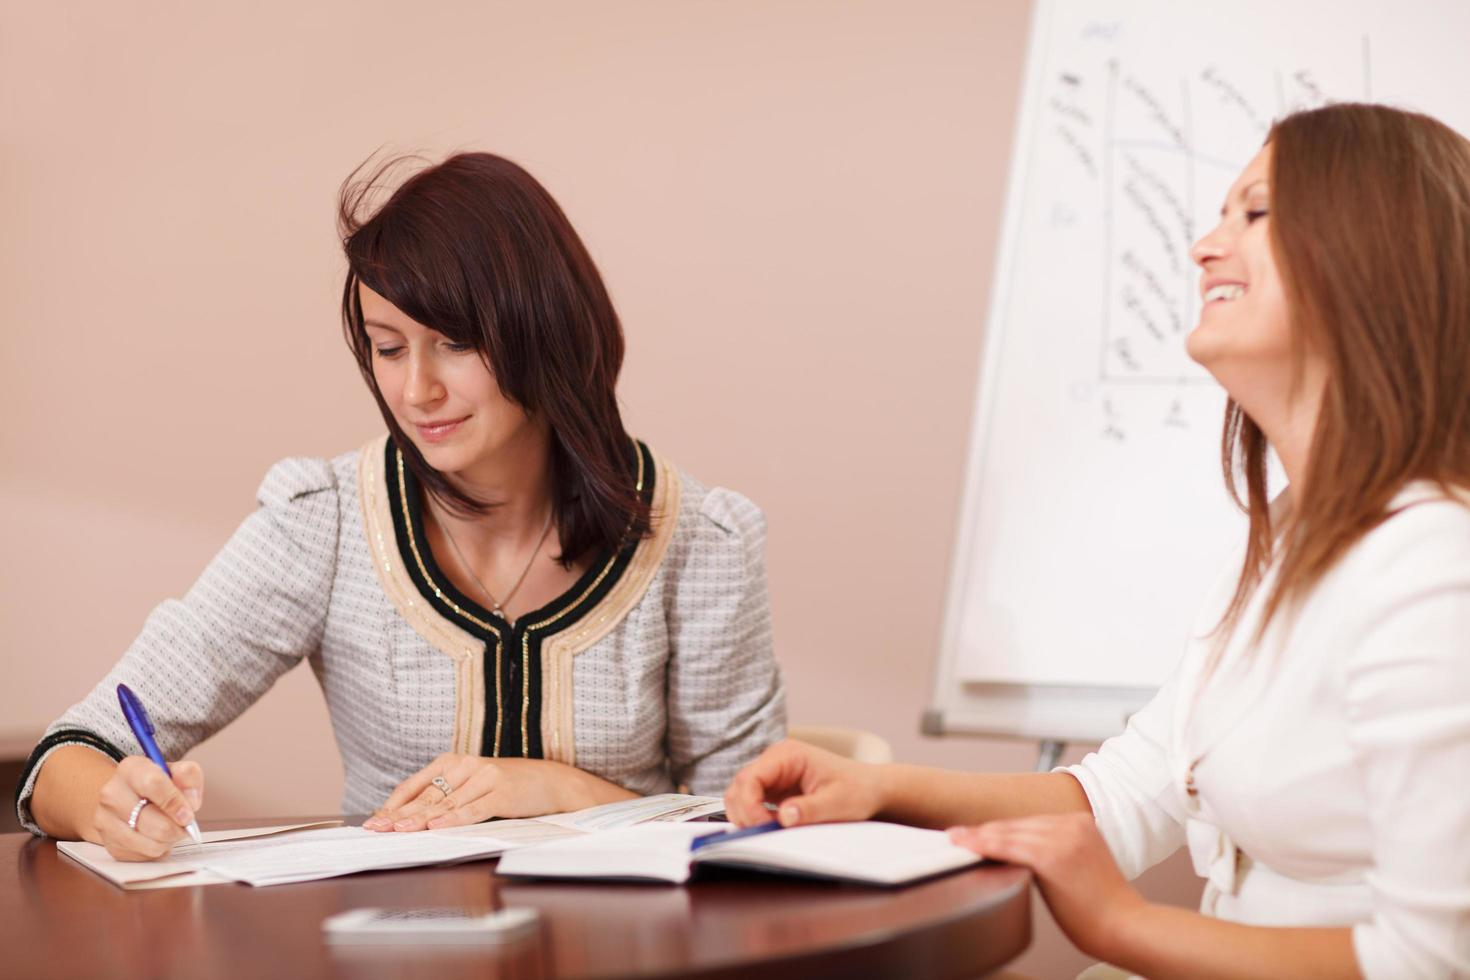 deux collègues de travail lors d'une réunion photo